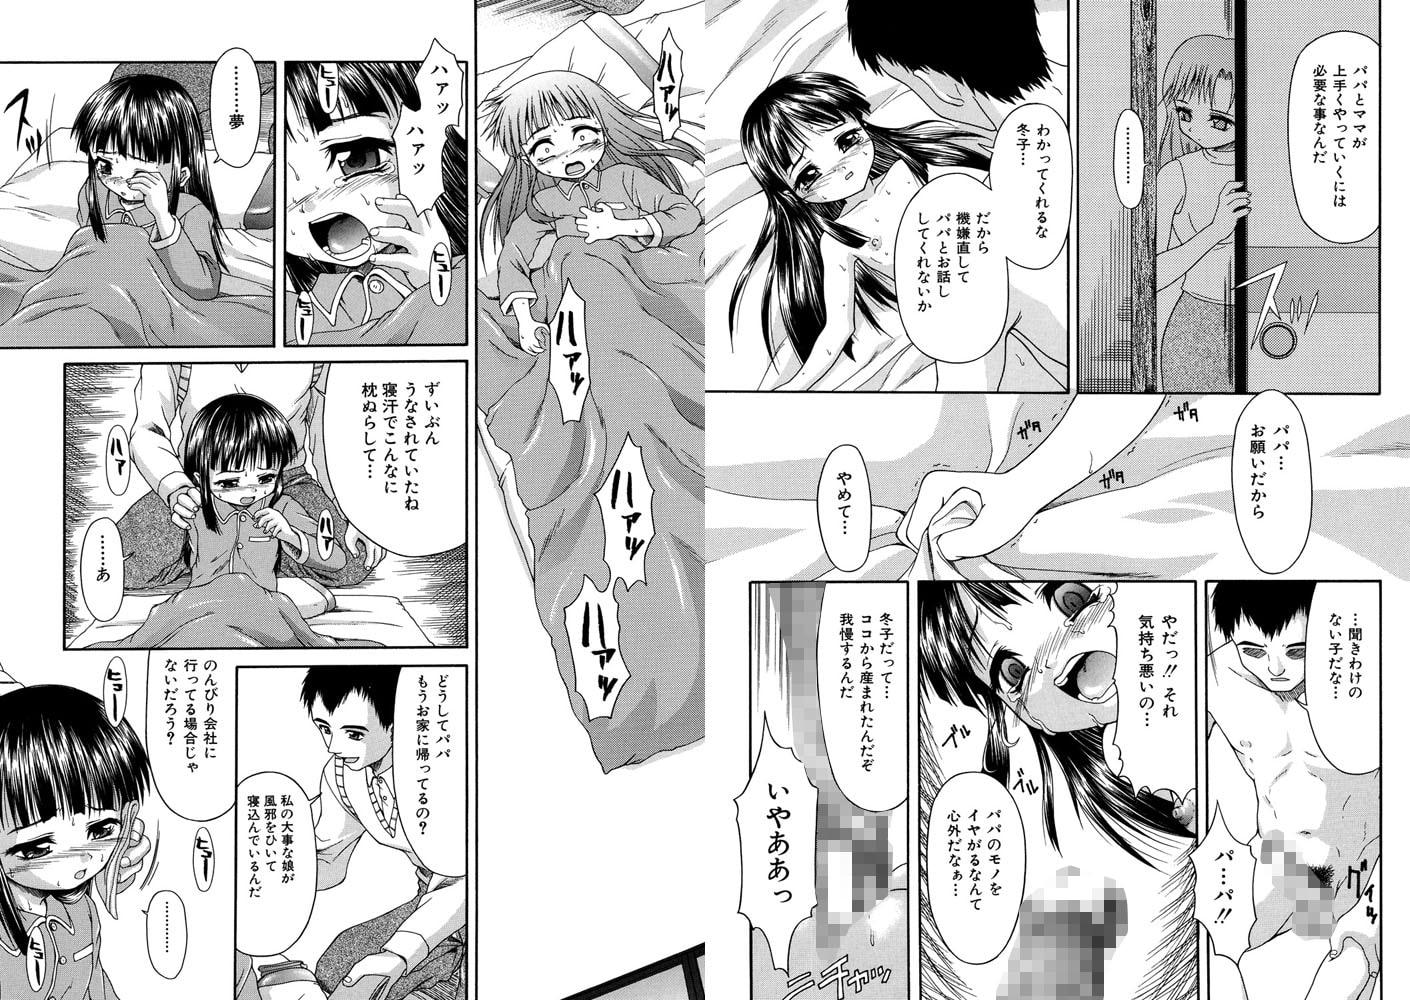 ちっちゃい娘(MUJIN COMICS 名作集 vol.6)(智沢渚優/橋田鎮/あ~る・こが/ぽてころ)